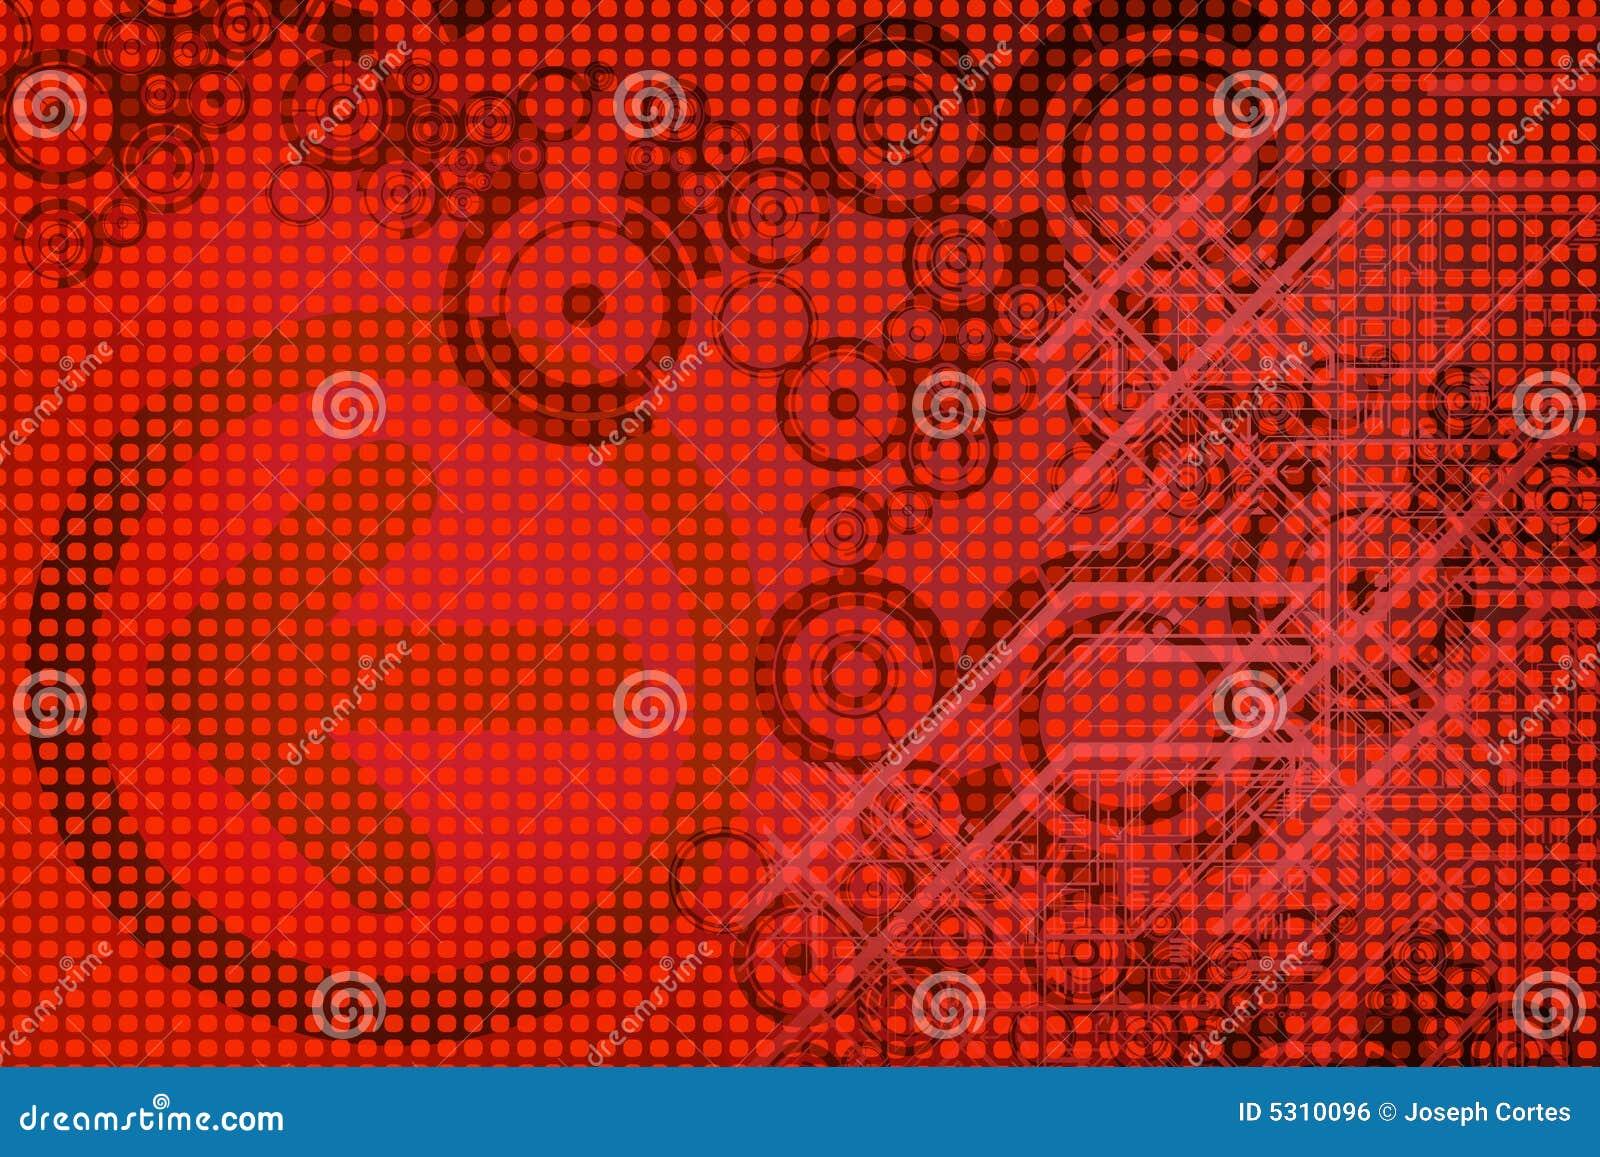 Download Disegno rosso illustrazione di stock. Illustrazione di puntini - 5310096